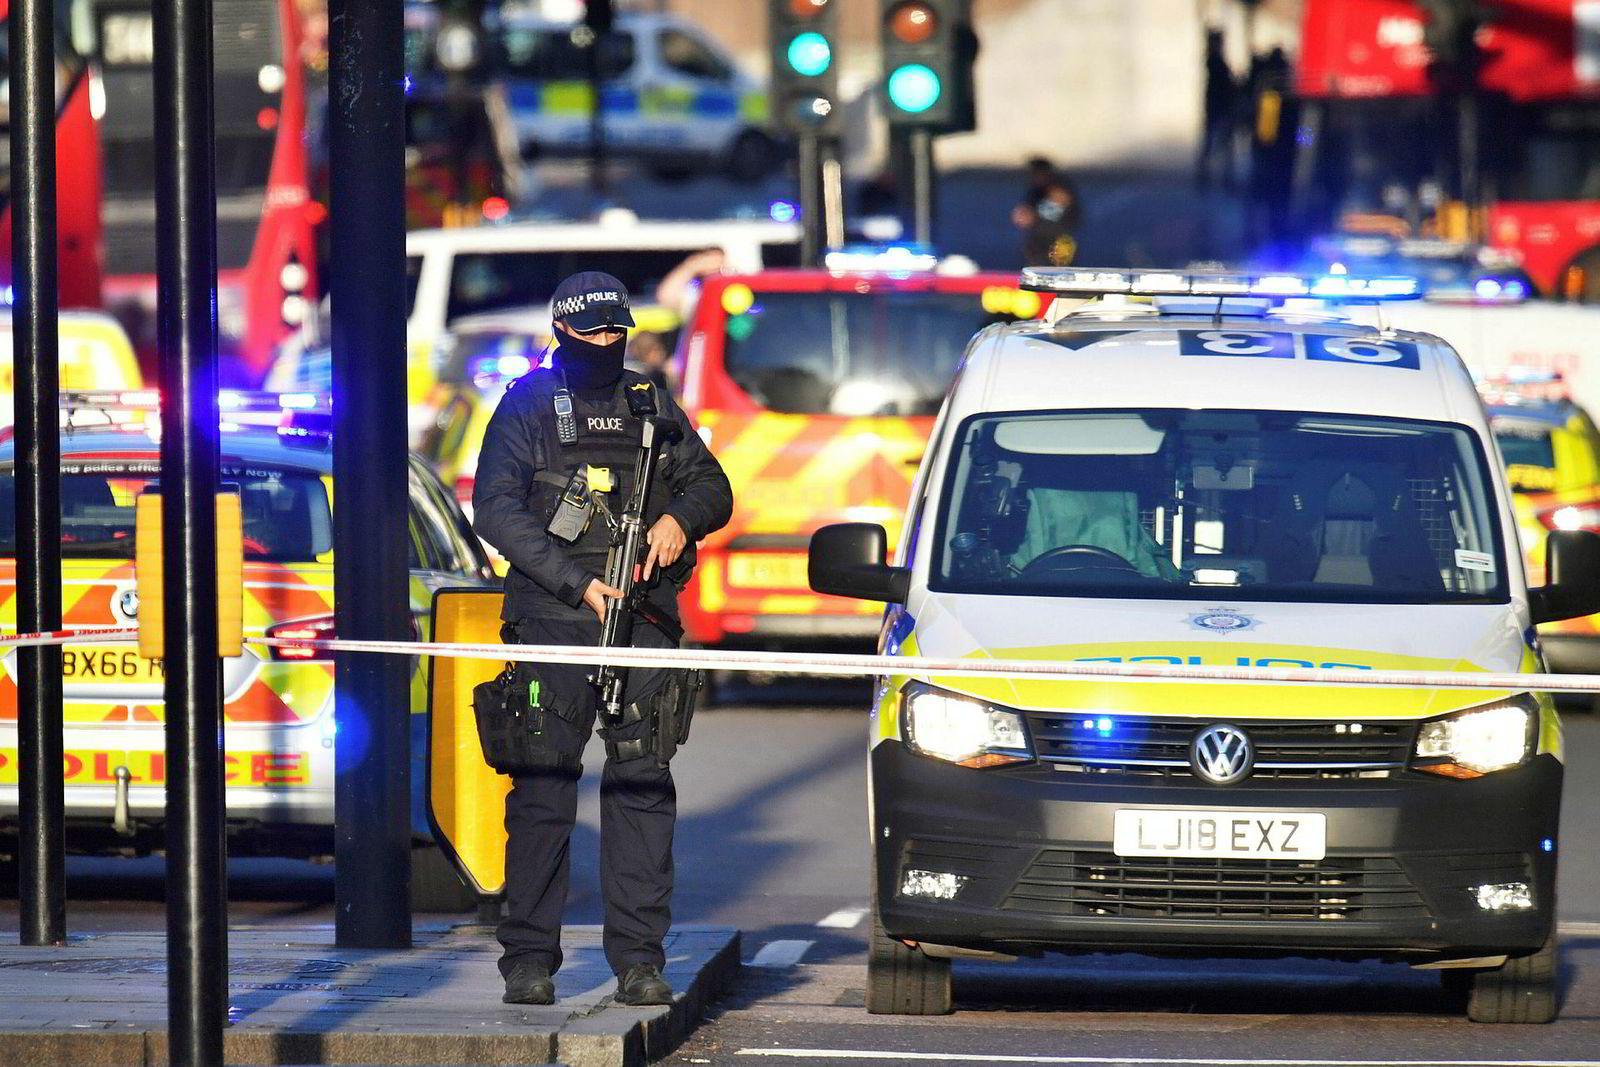 Bevæpnet politi er til stede på London Bridge, og har stengt av broen for offentligheten. Områder i nærheten skal også være stengt, ifølge britiske medier.